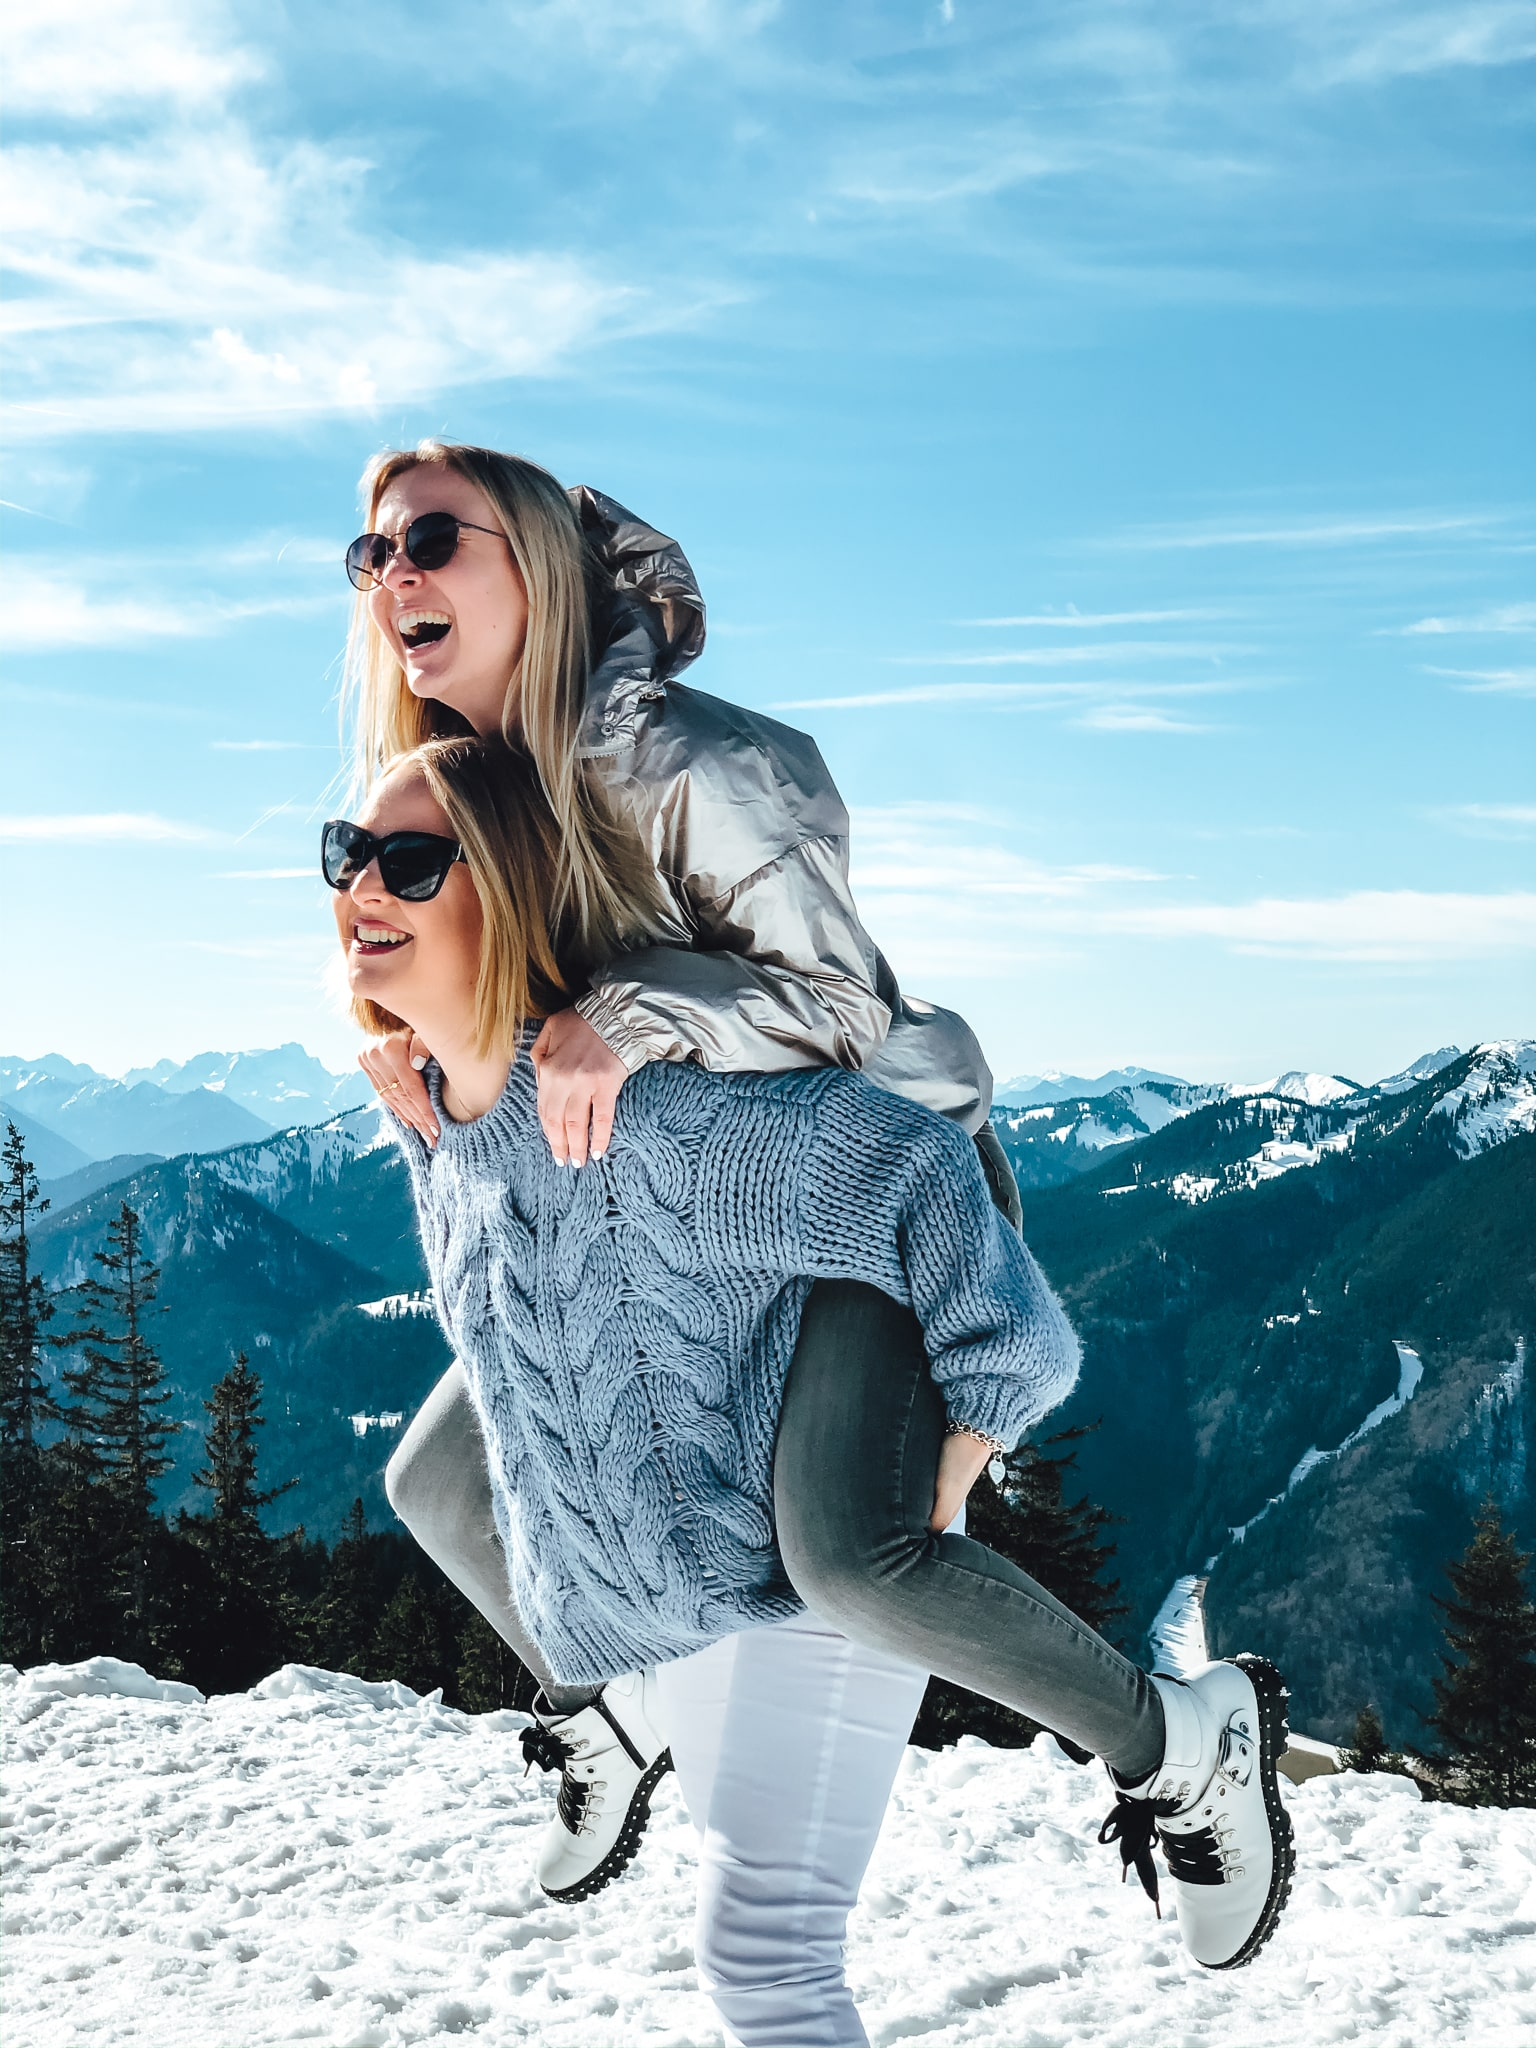 Bayern, Wallberg, Tegernsee, Travel, Reisen, Deutschland, Schnee, Berge, Wandern, Reiseguide, Travelblog, Alpen, Deutschland, Schlittenfahren, Gonde